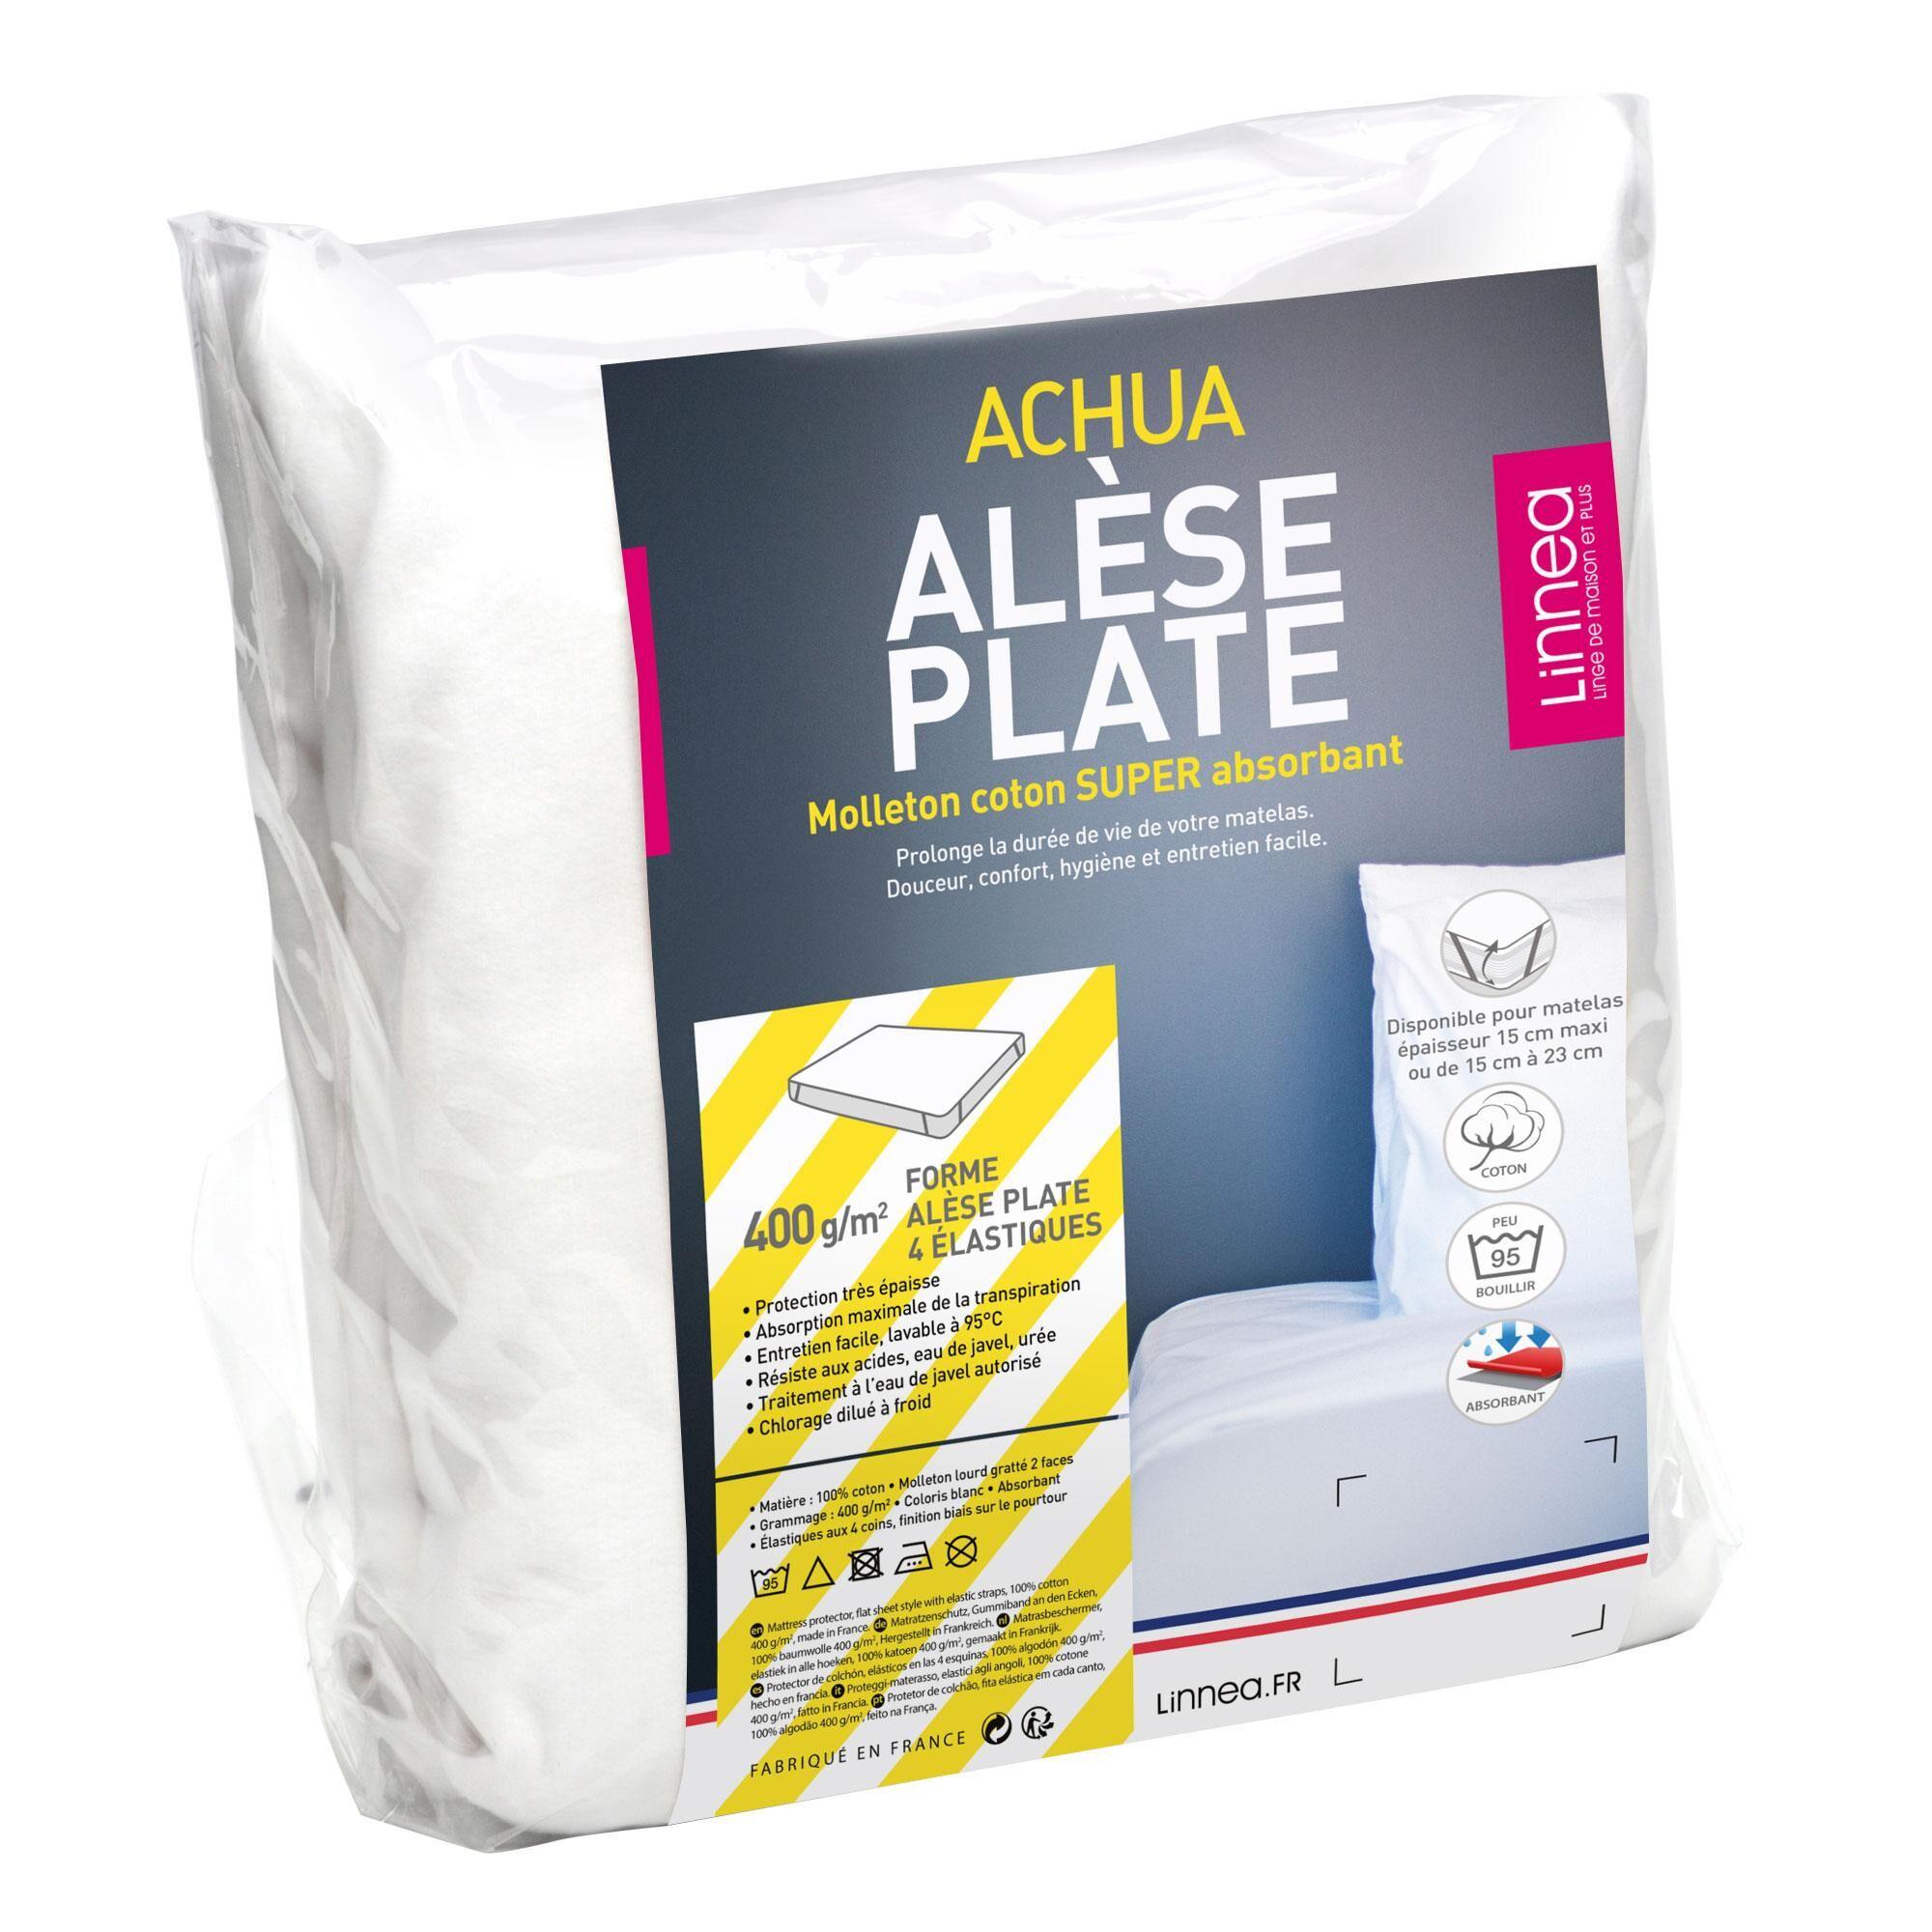 Linnea Alèse plate 130x200 cm ACHUA Molleton 100% coton 400 g/m2 matelas 15cm à 23cm